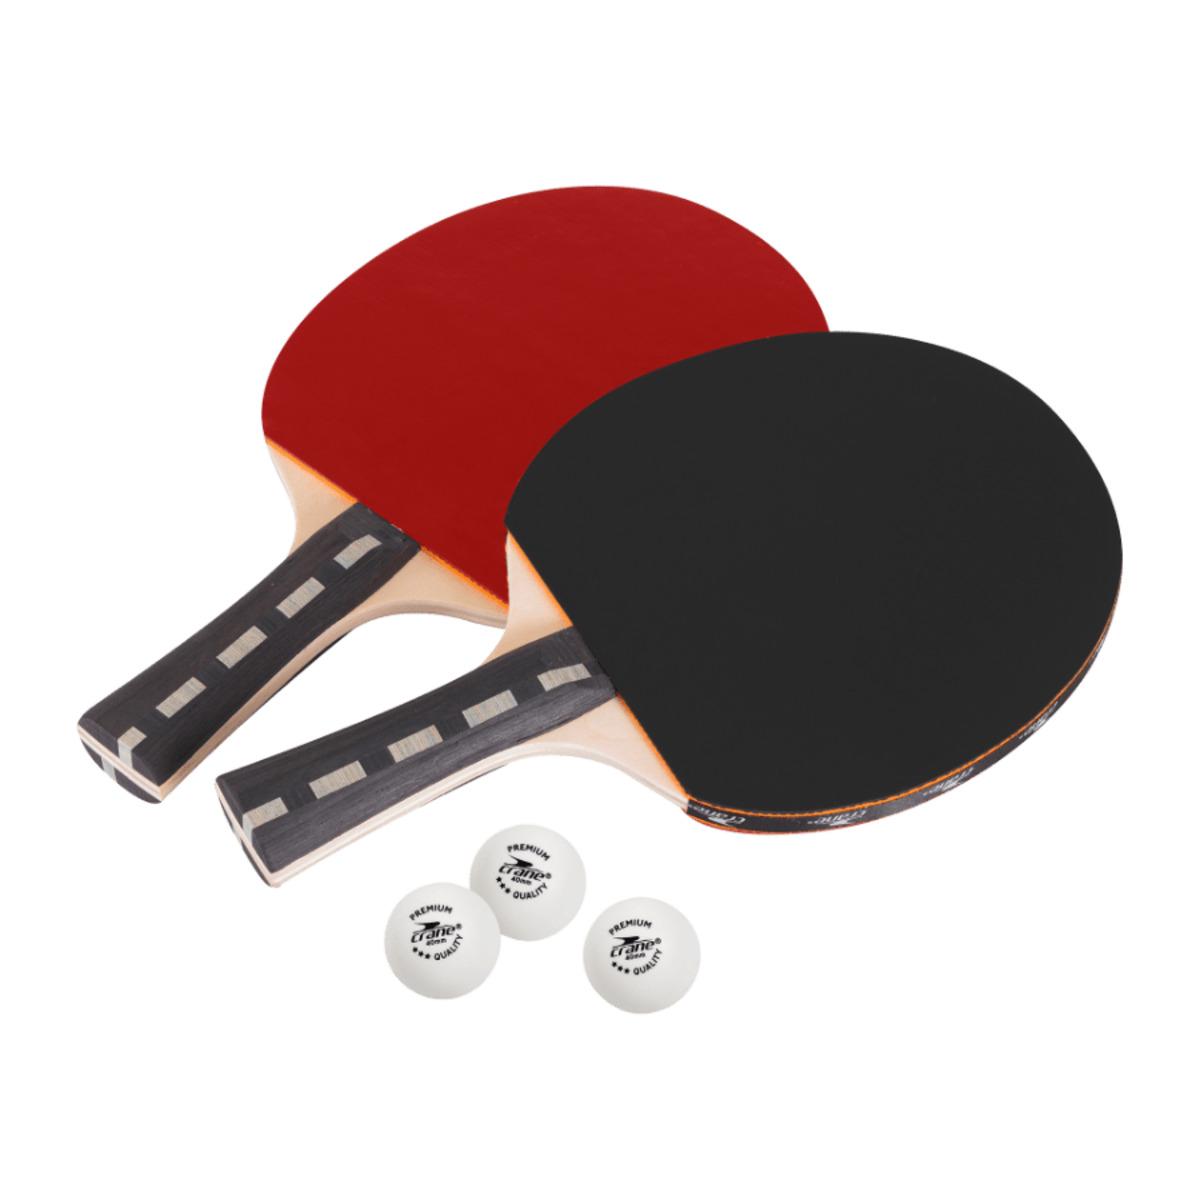 Bild 1 von CRANE     Tischtennis-Schläger-Set